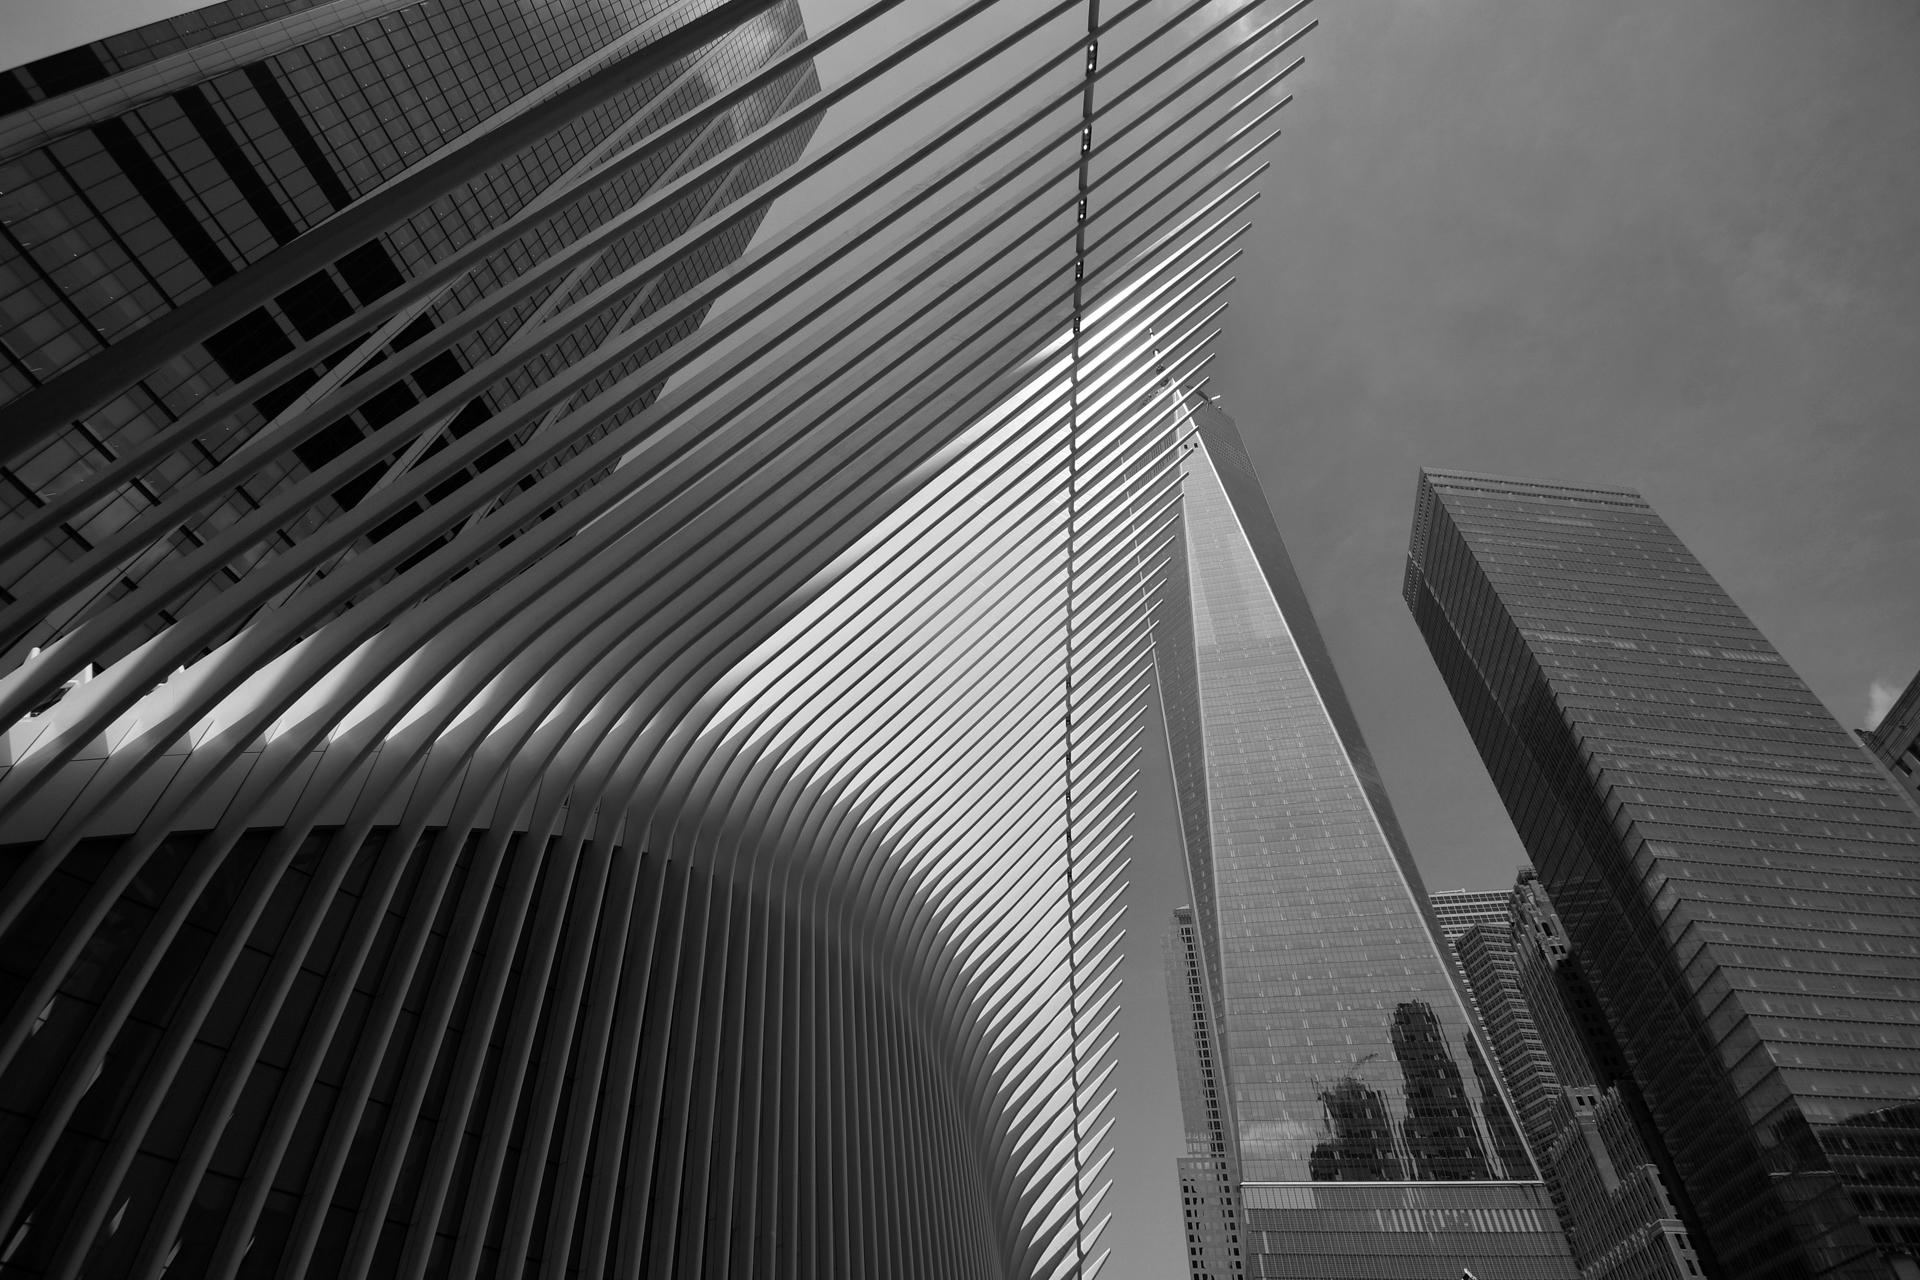 פלדה - בטון - ניו יורק - מנהטן - יואל שתרוג - אדמה יוצרת